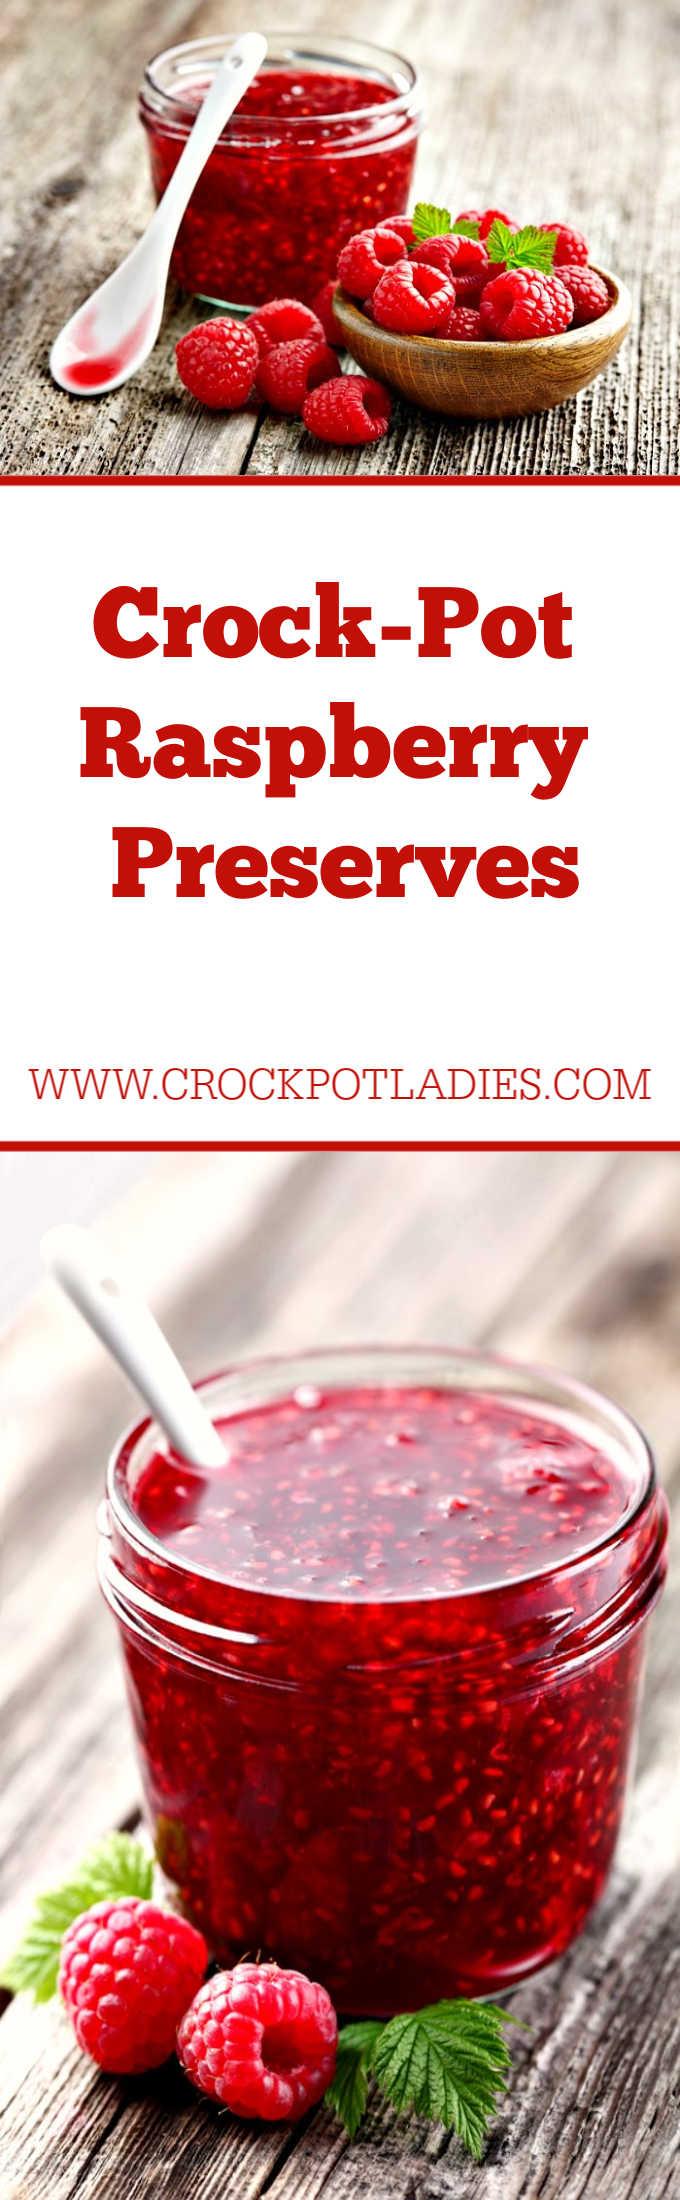 Crock-Pot Raspberry Preserves